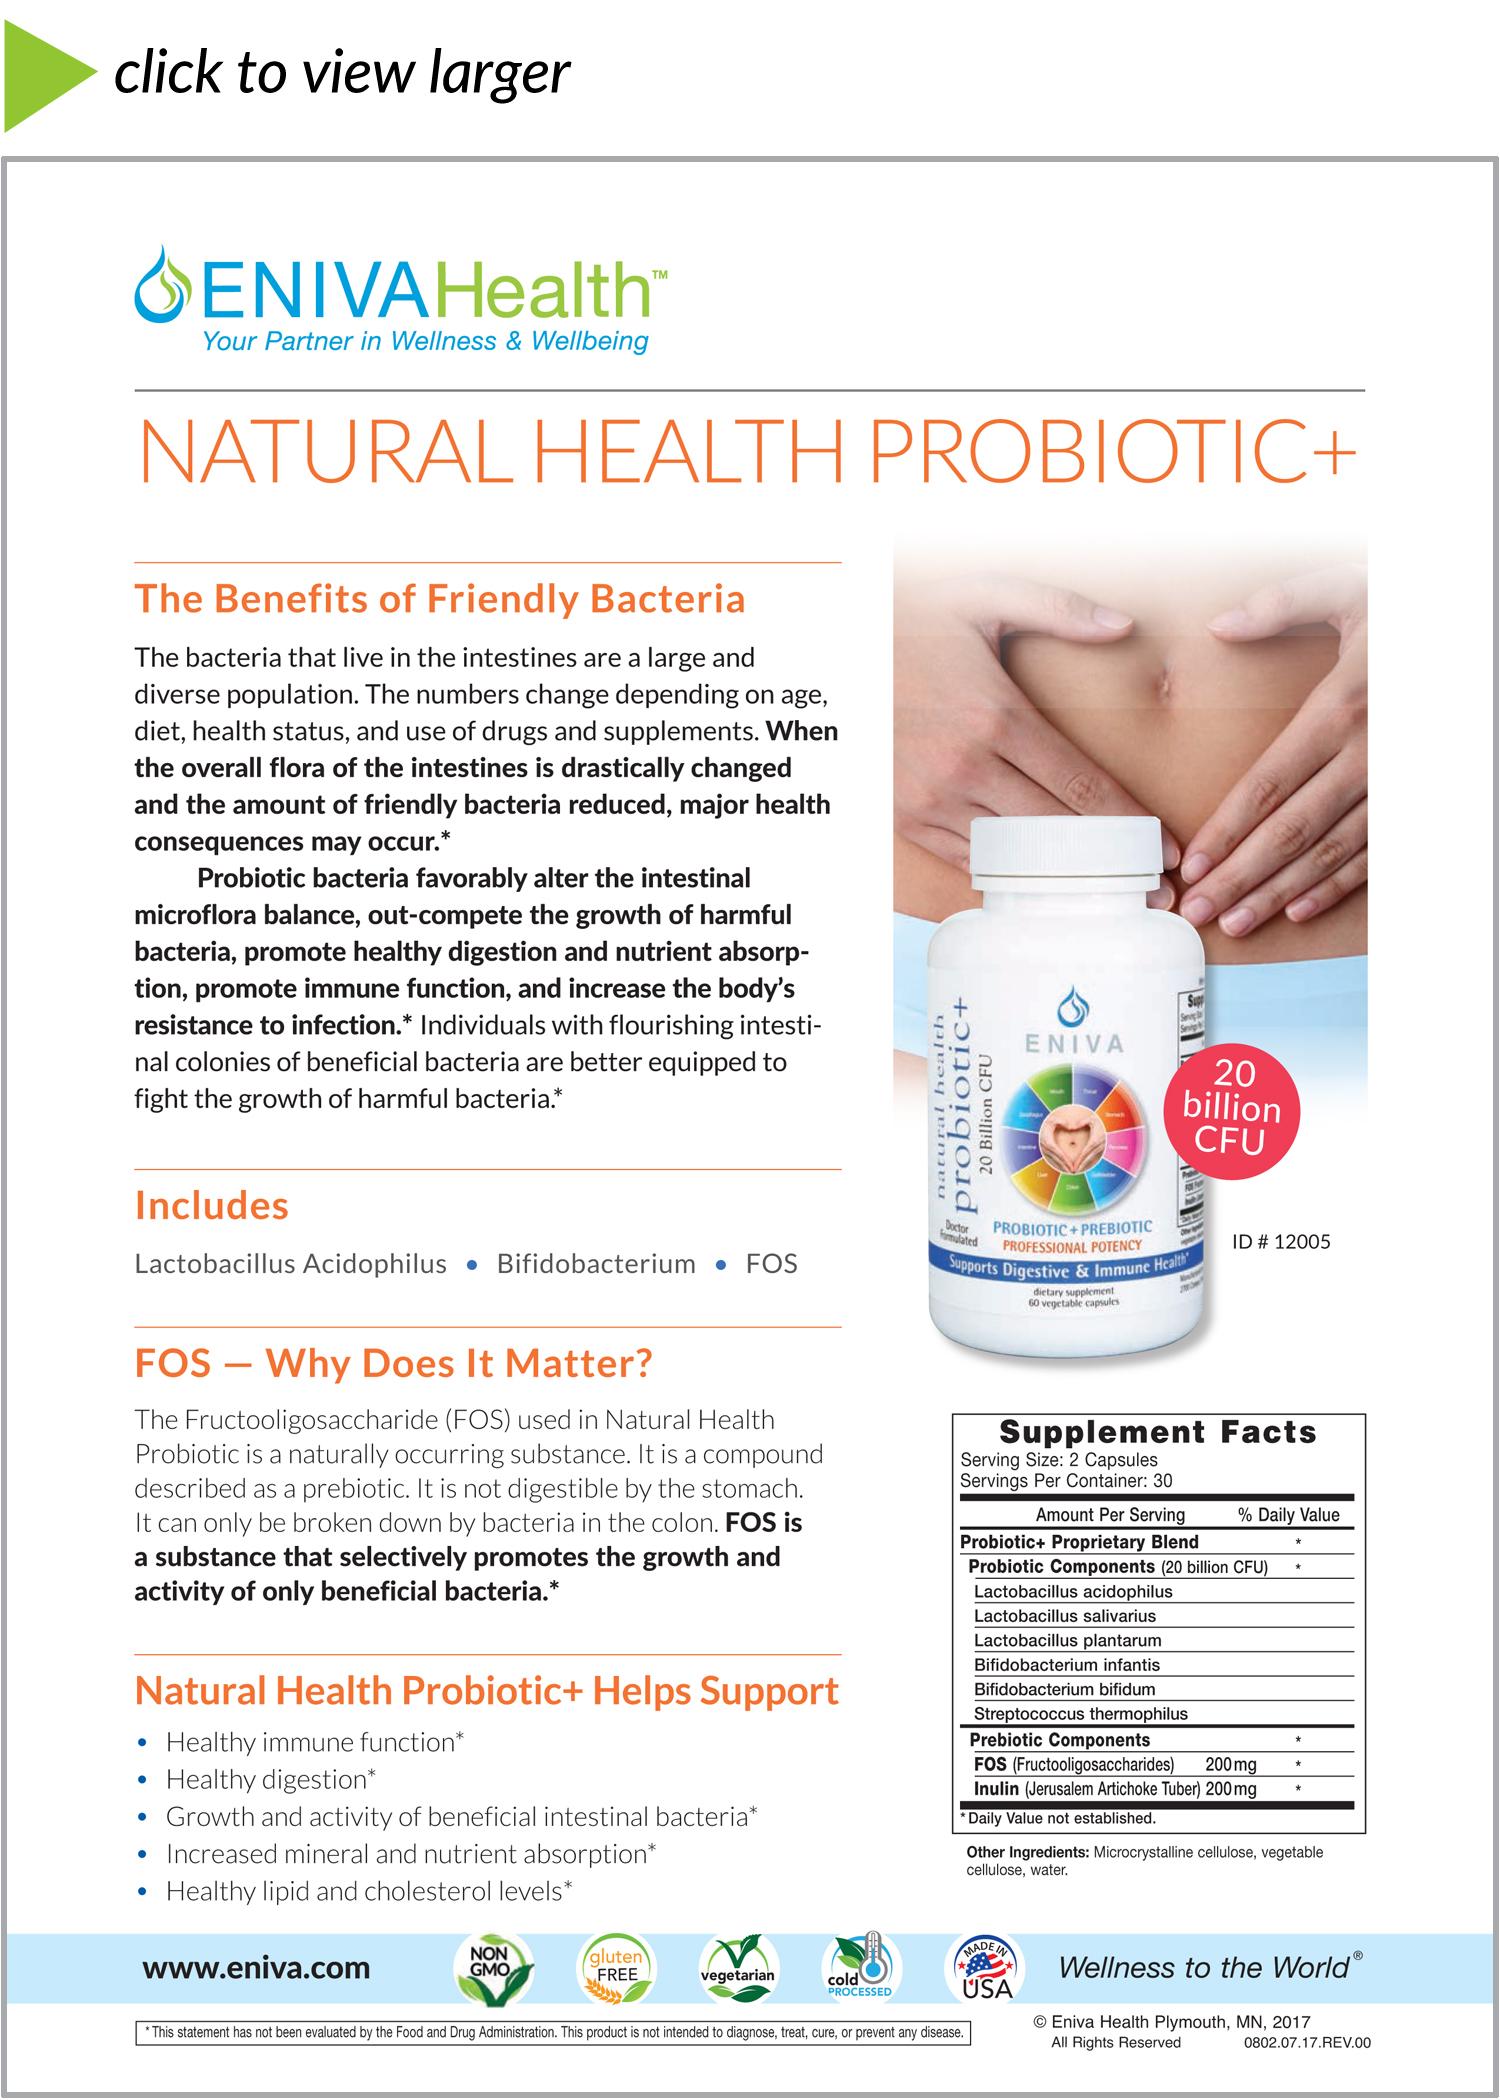 img-fact-probiotic.jpg